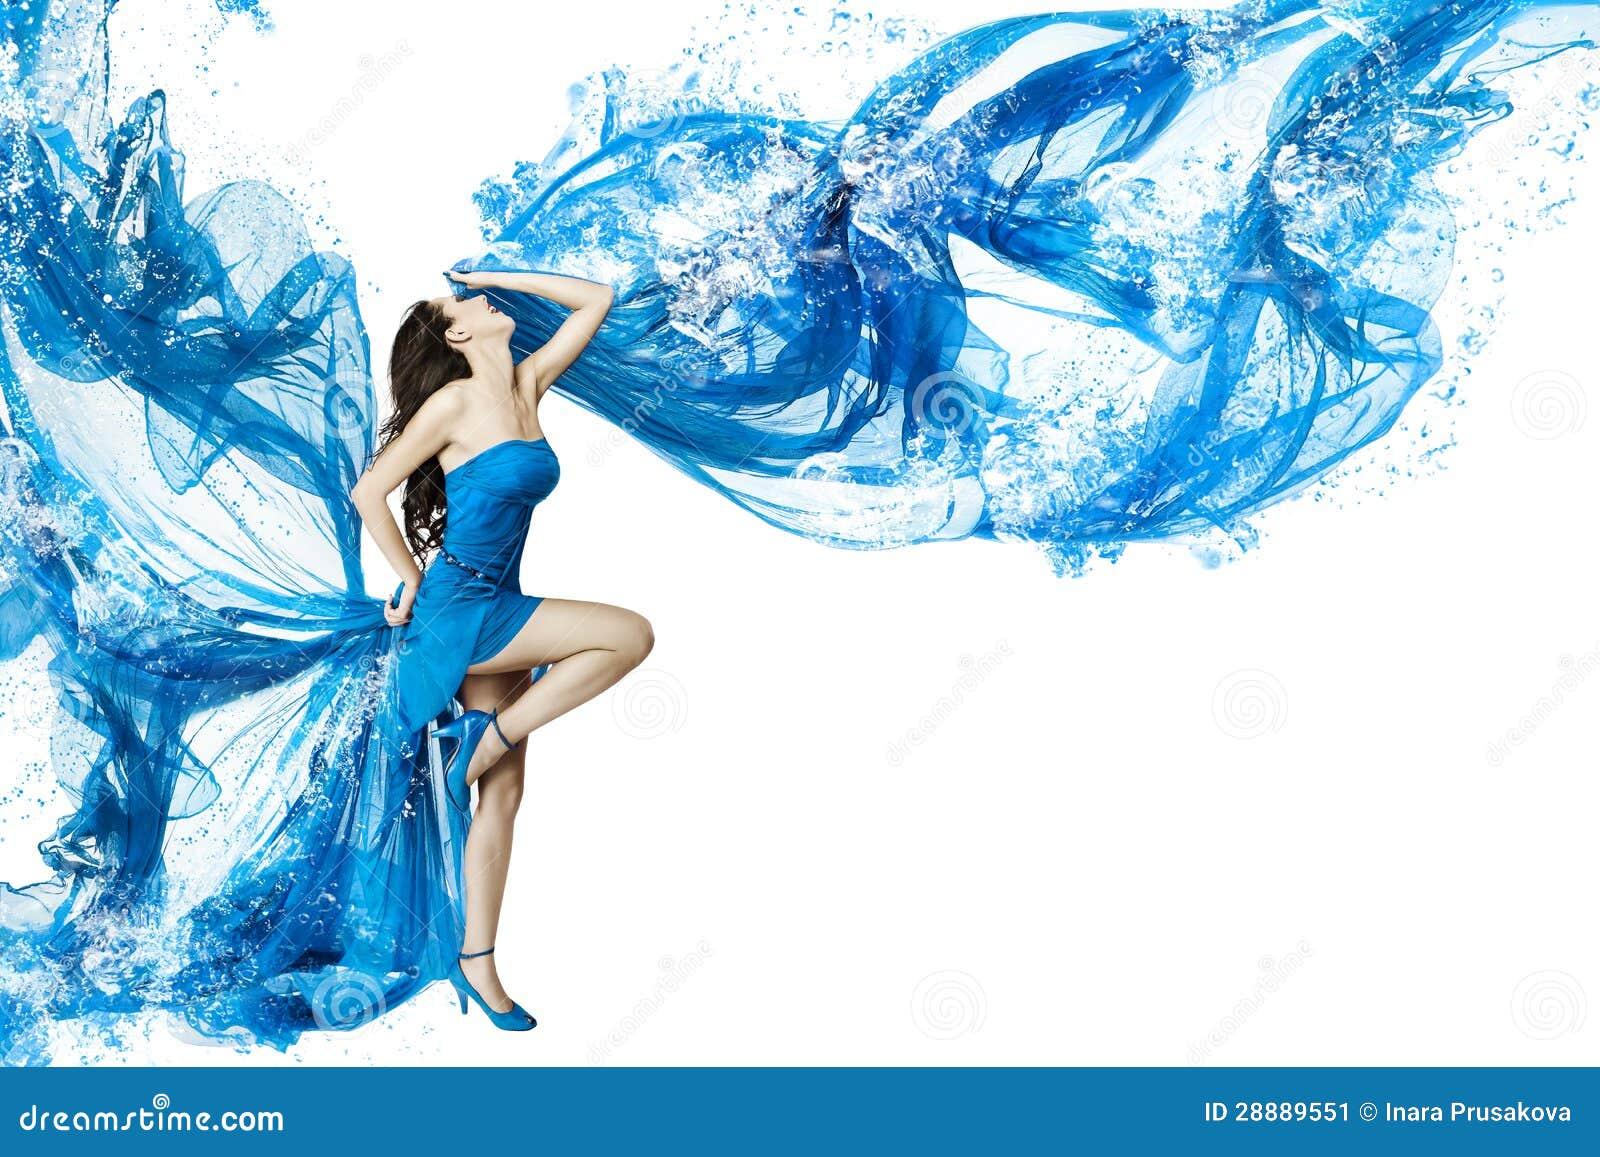 Woman dance in blue water dress